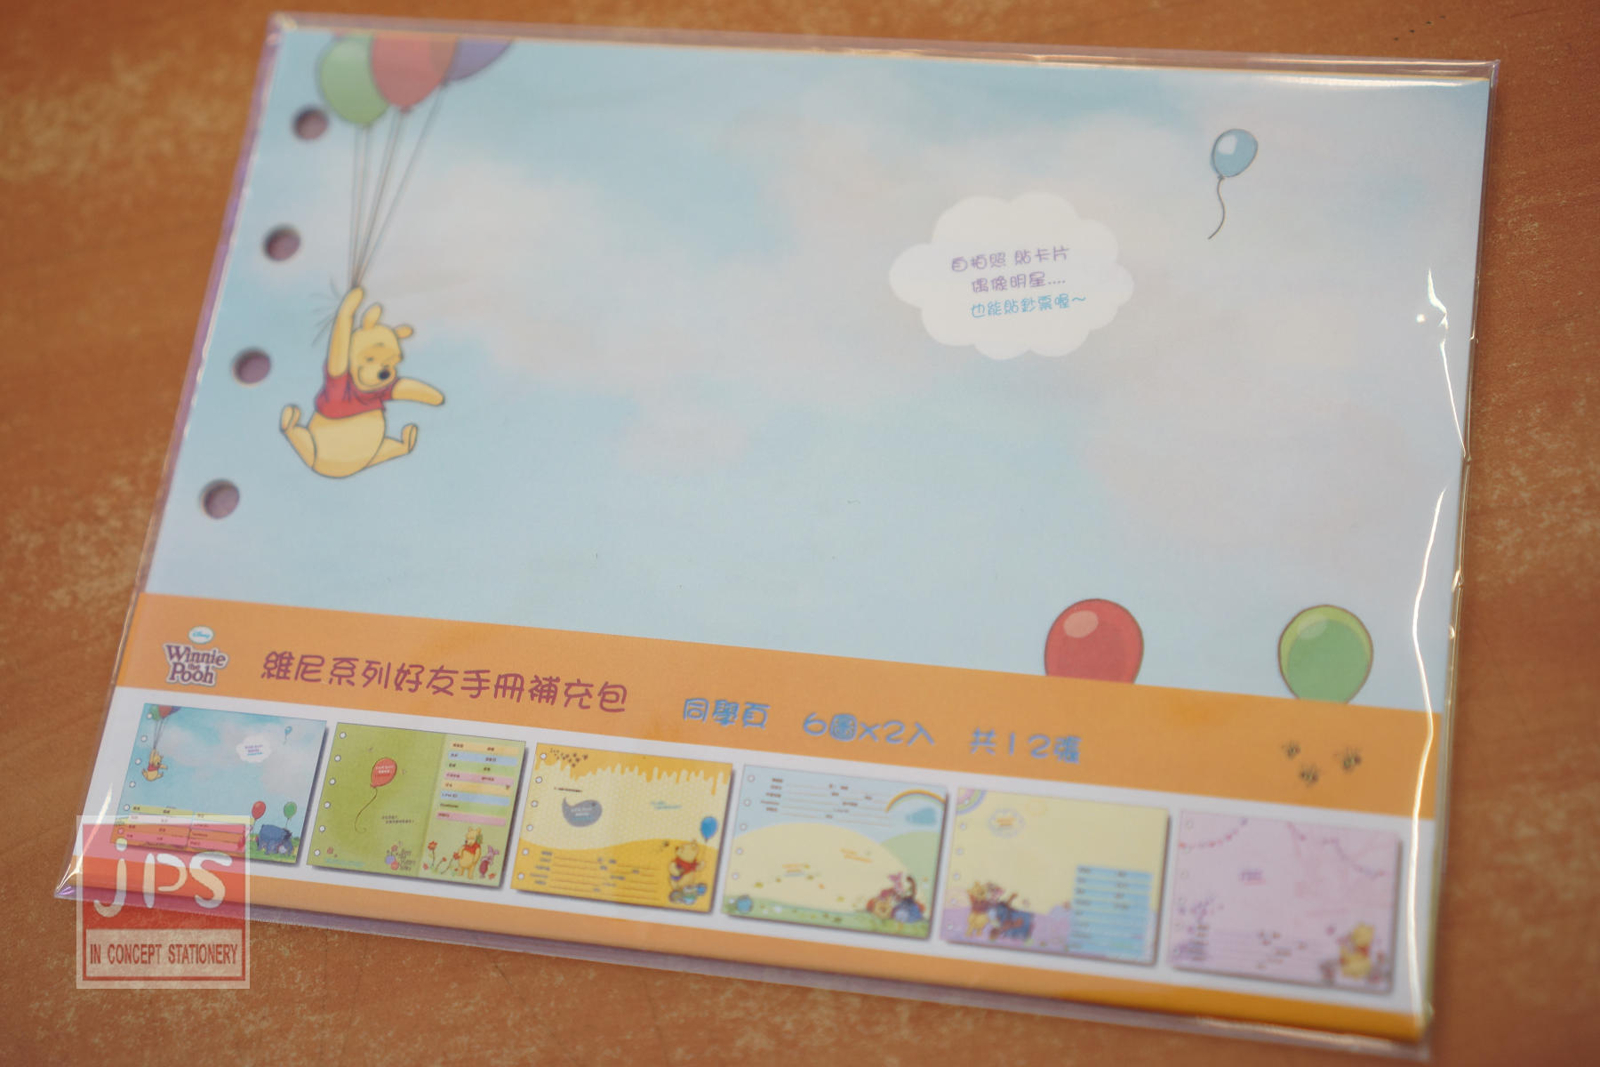 迪士尼 好友手冊 補充包 玩具 DPMC-1601